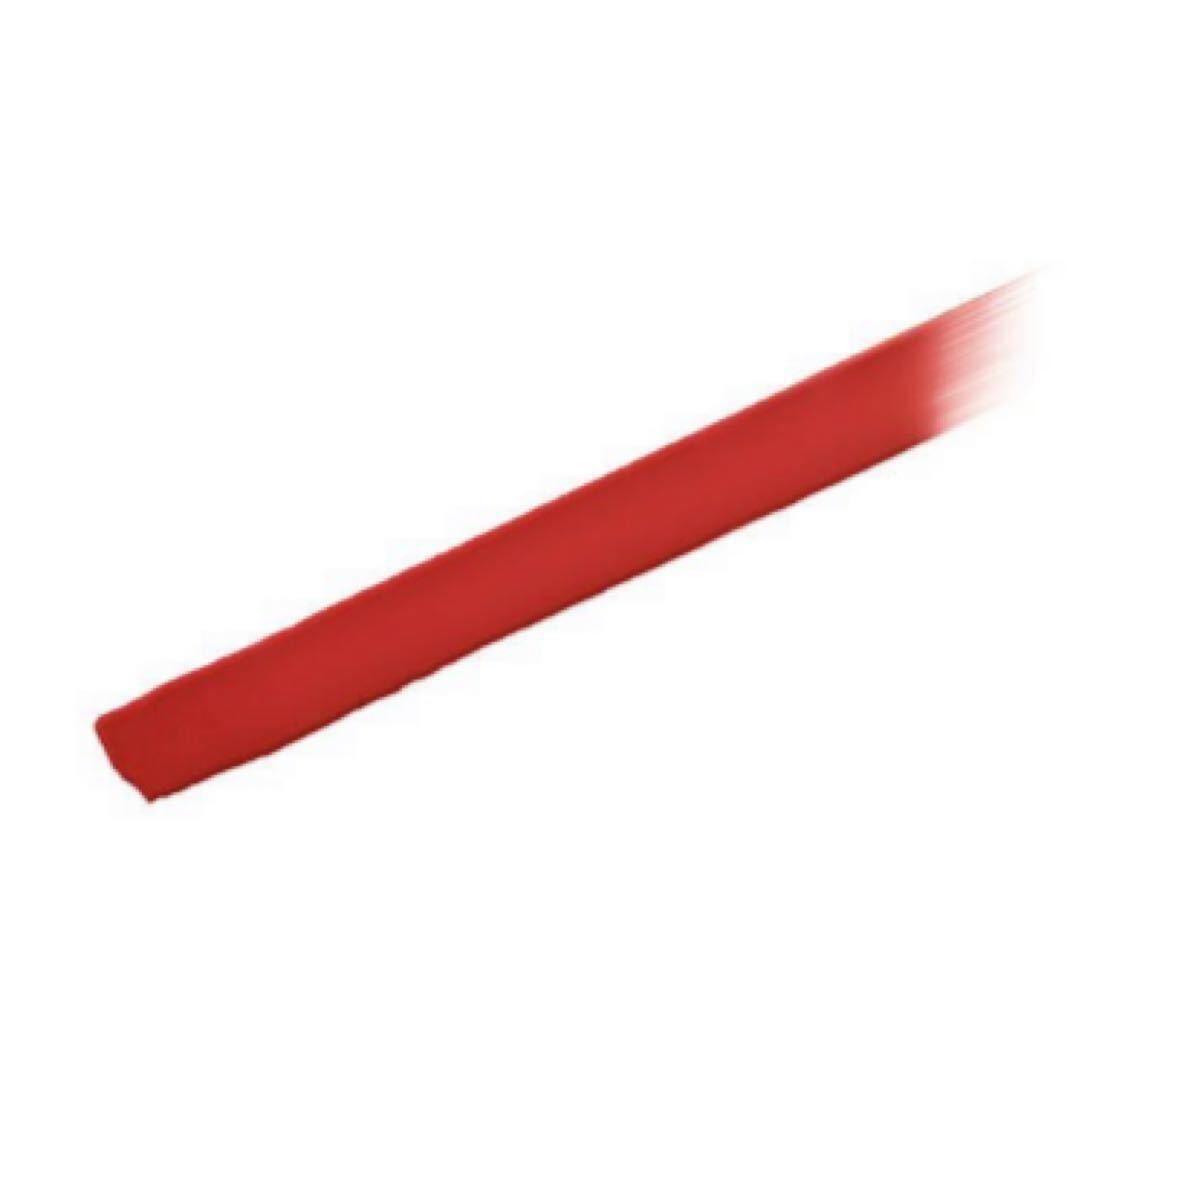 YSL イヴ・サンローラン ルージュ ピュールクチュール ザ スリム ベルベットラディカル 305 口紅 オレンジサージ